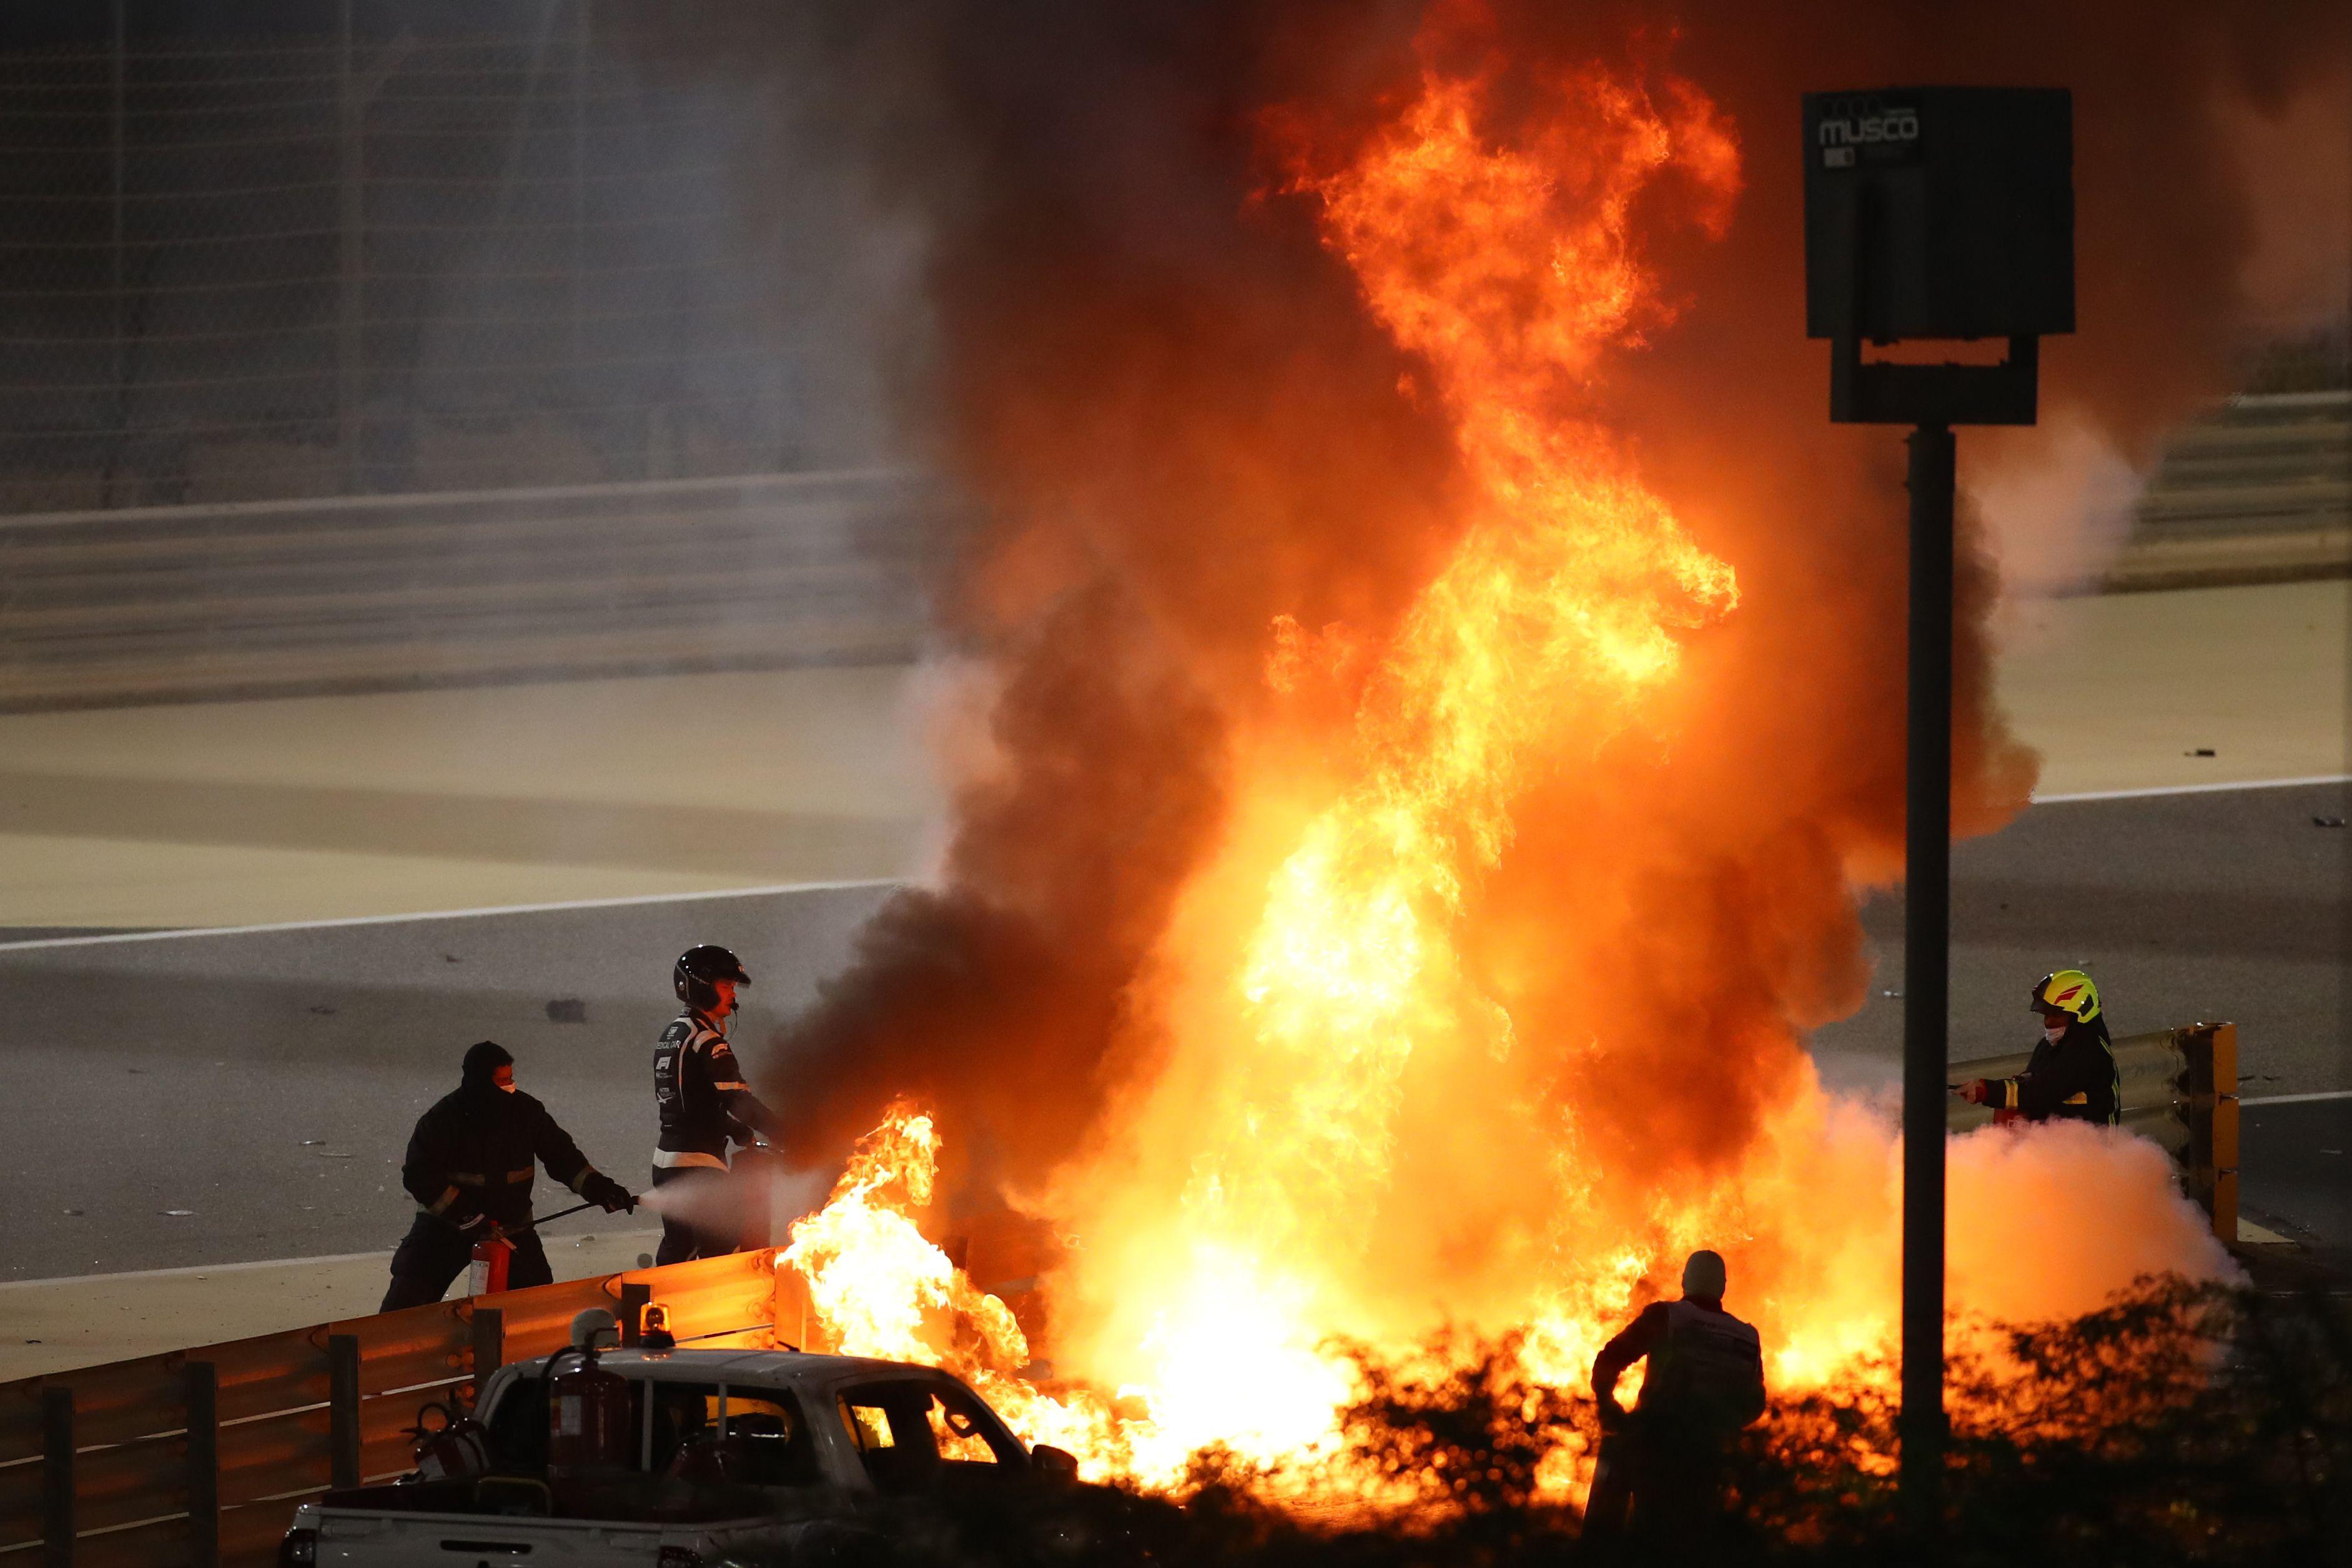 « Des leçons importantes tirées » de l'accident de Grosjean, selon Todt